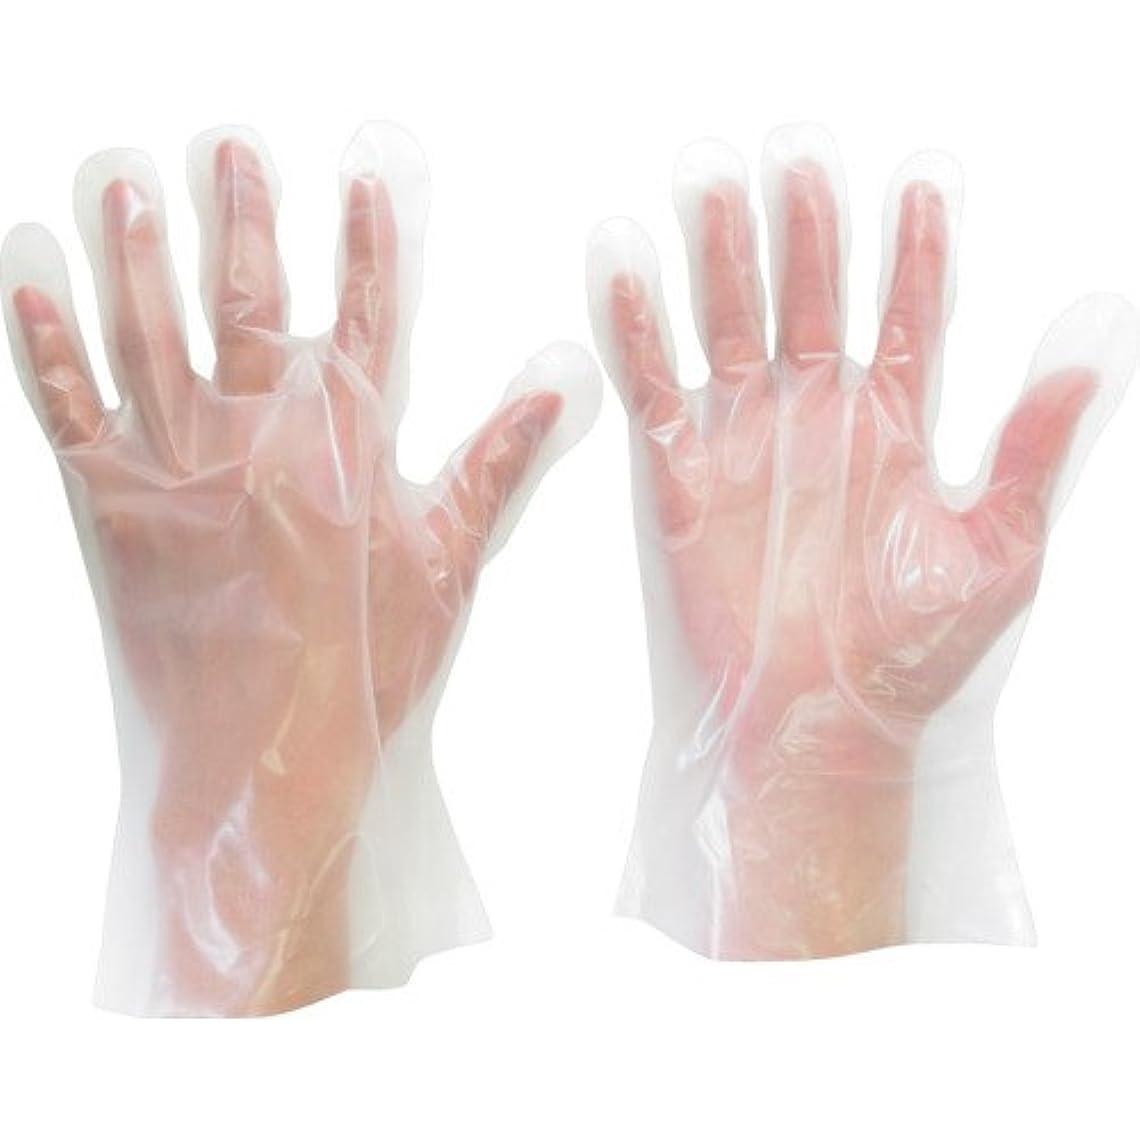 実装するグラディスリテラシーミドリ安全 ポリエチレン使い捨て手袋 外エンボス 200枚入 S VERTE575S